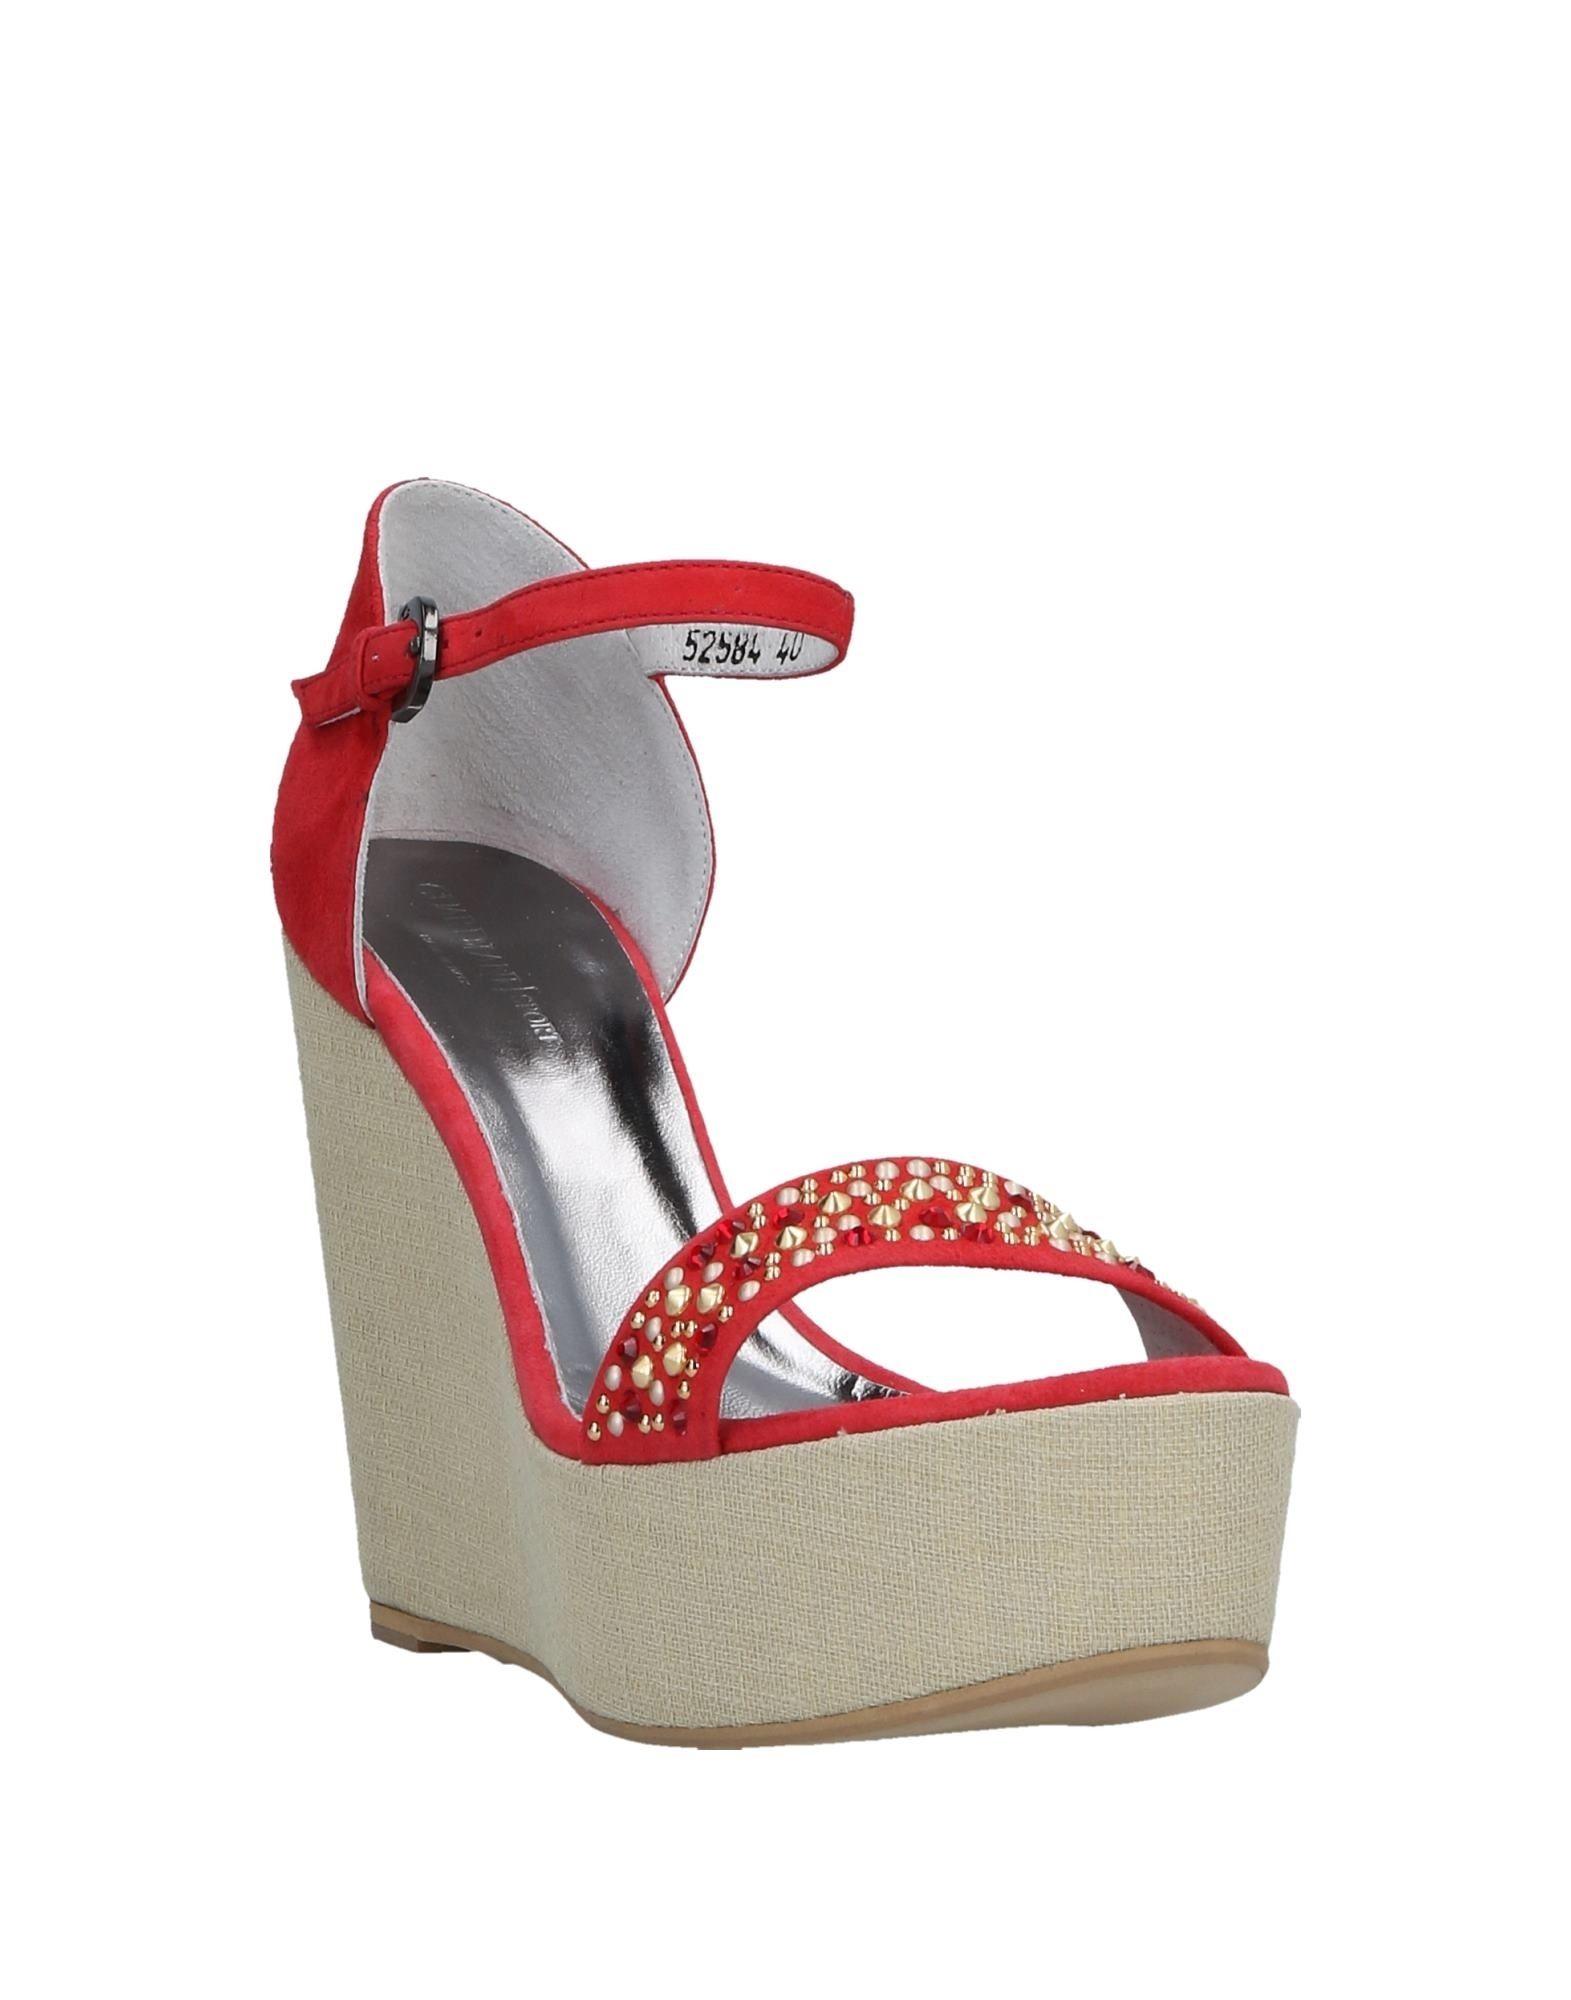 Alberto Guardiani Sandalen Damen  11254936AQ beliebte Gute Qualität beliebte 11254936AQ Schuhe a48a36